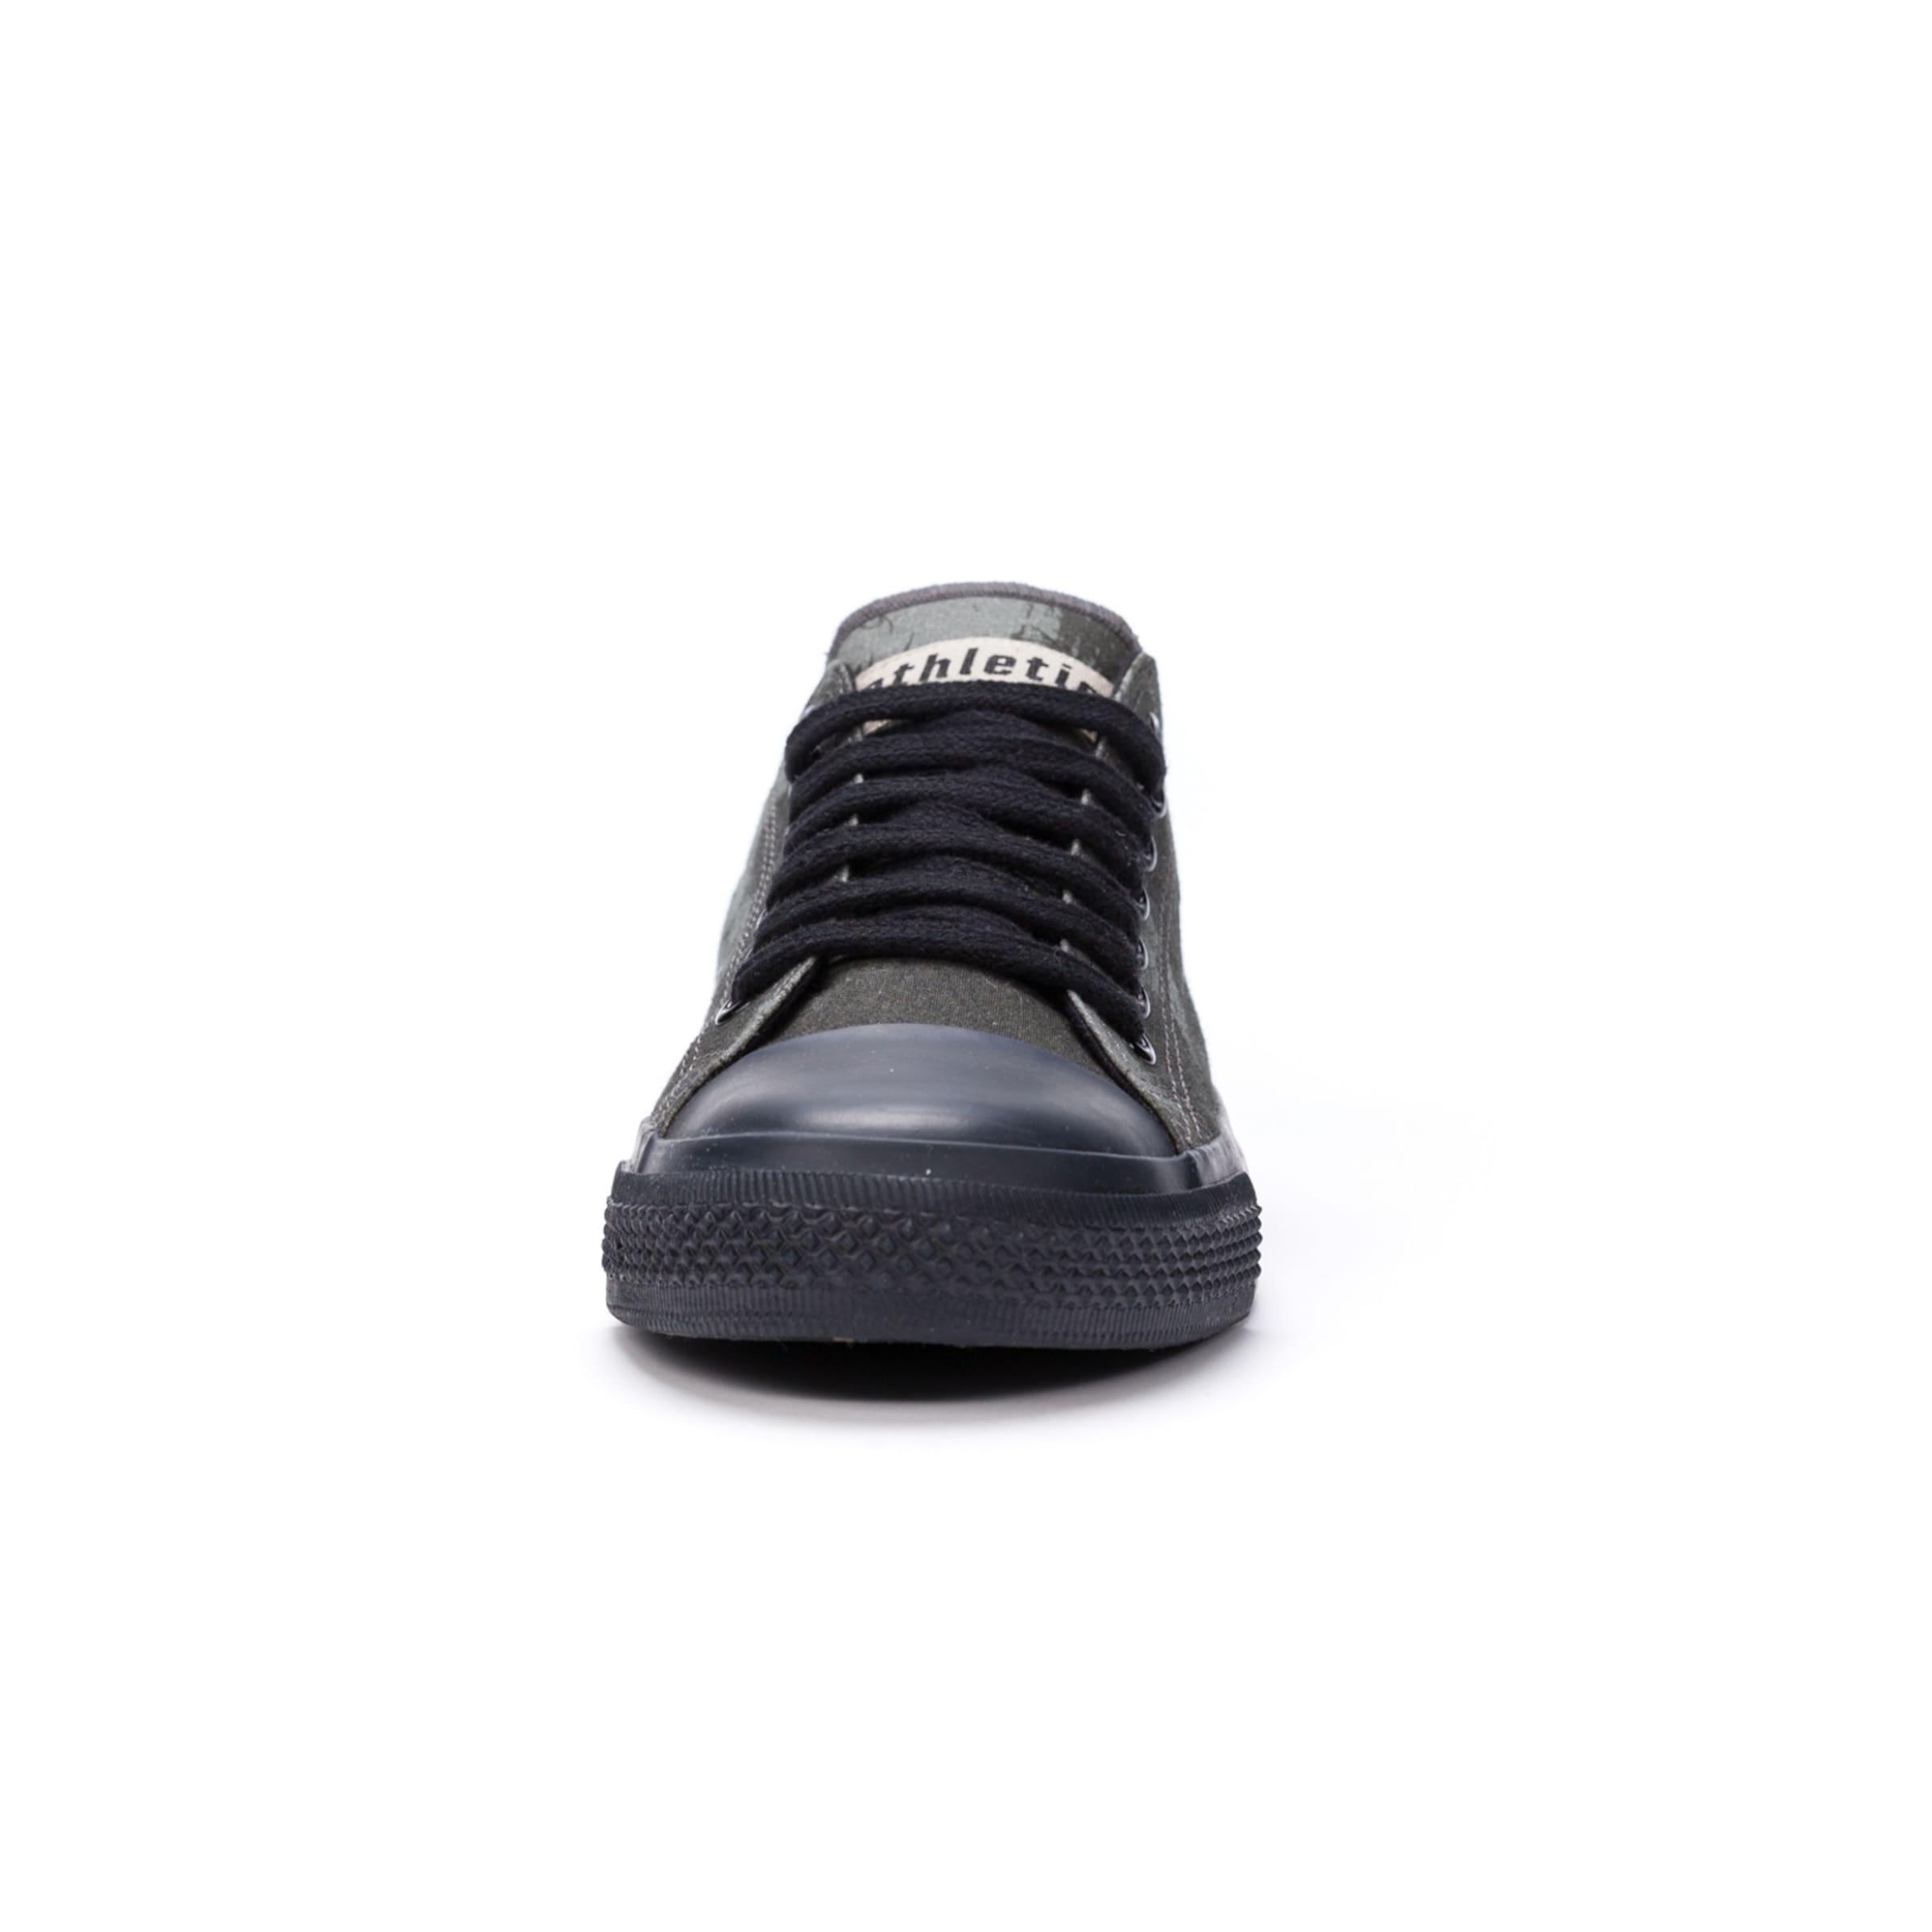 GrauDunkelgrün Ethletic Sneaker Sneaker In Schwarz Ethletic GrauDunkelgrün Schwarz In w0kPnO